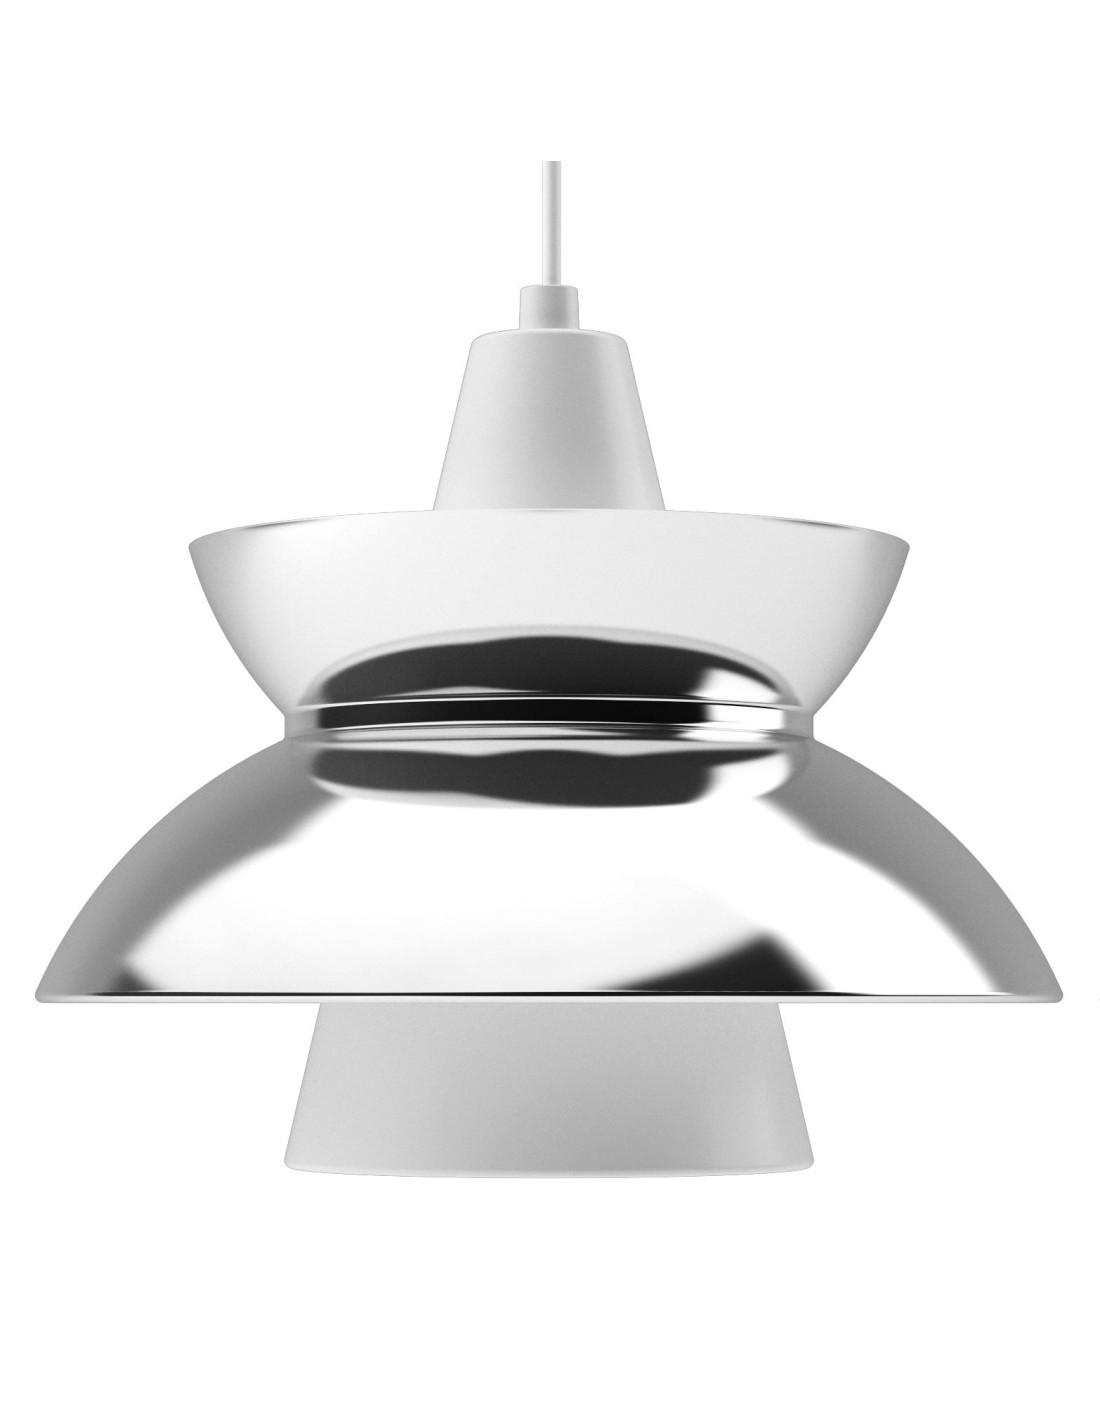 doo wop pendant lamp by louis poulsen la boutique danoise. Black Bedroom Furniture Sets. Home Design Ideas